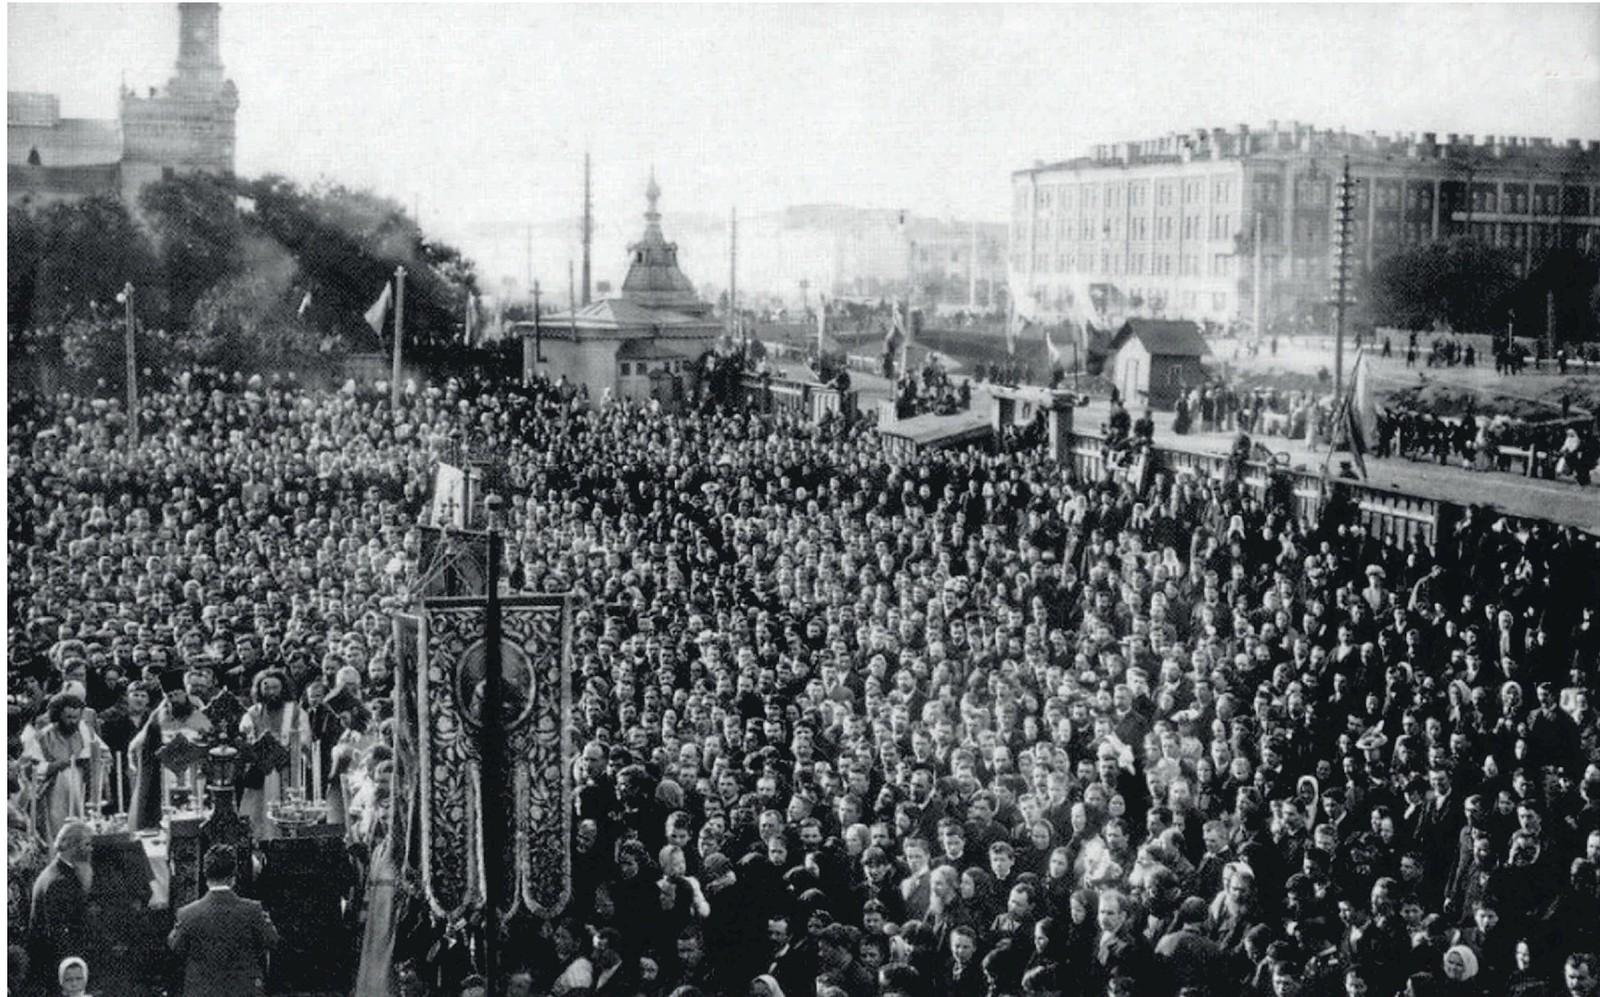 1903. Торжественное освящение места закладки каменного храма Воскресения Христова на Обводном канале